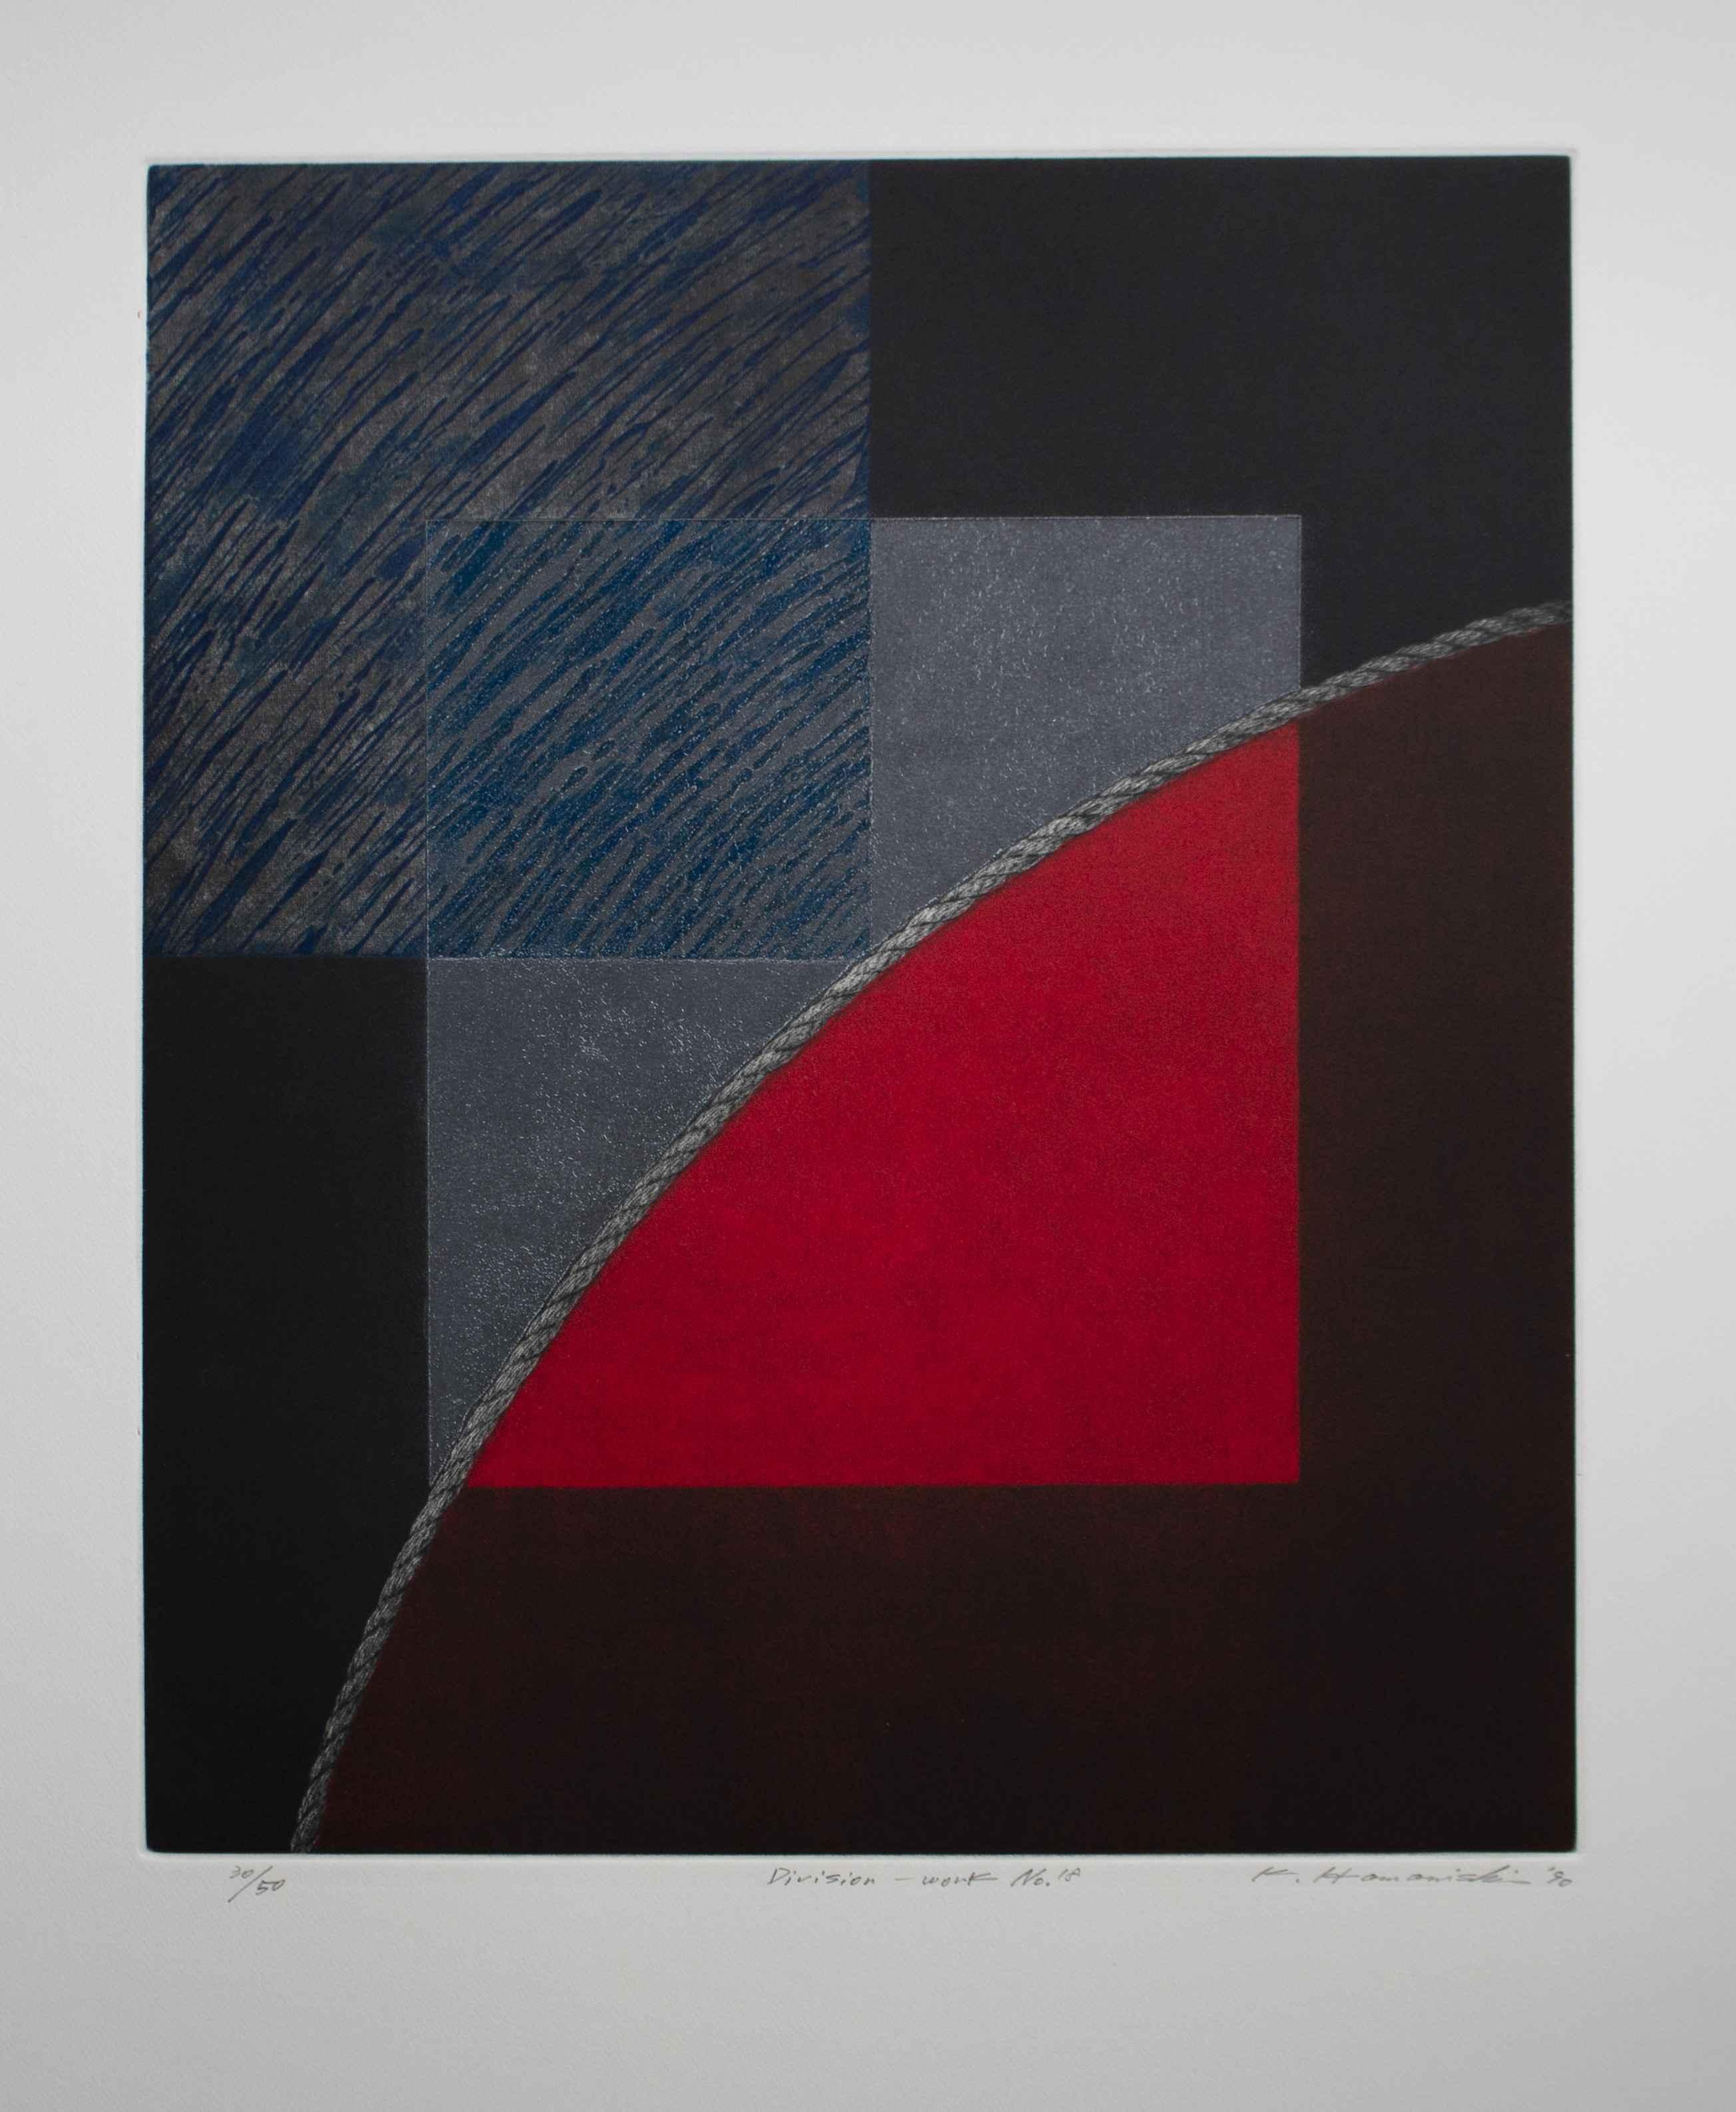 Division Work No.18 by  Katsunori Hamanishi - Masterpiece Online